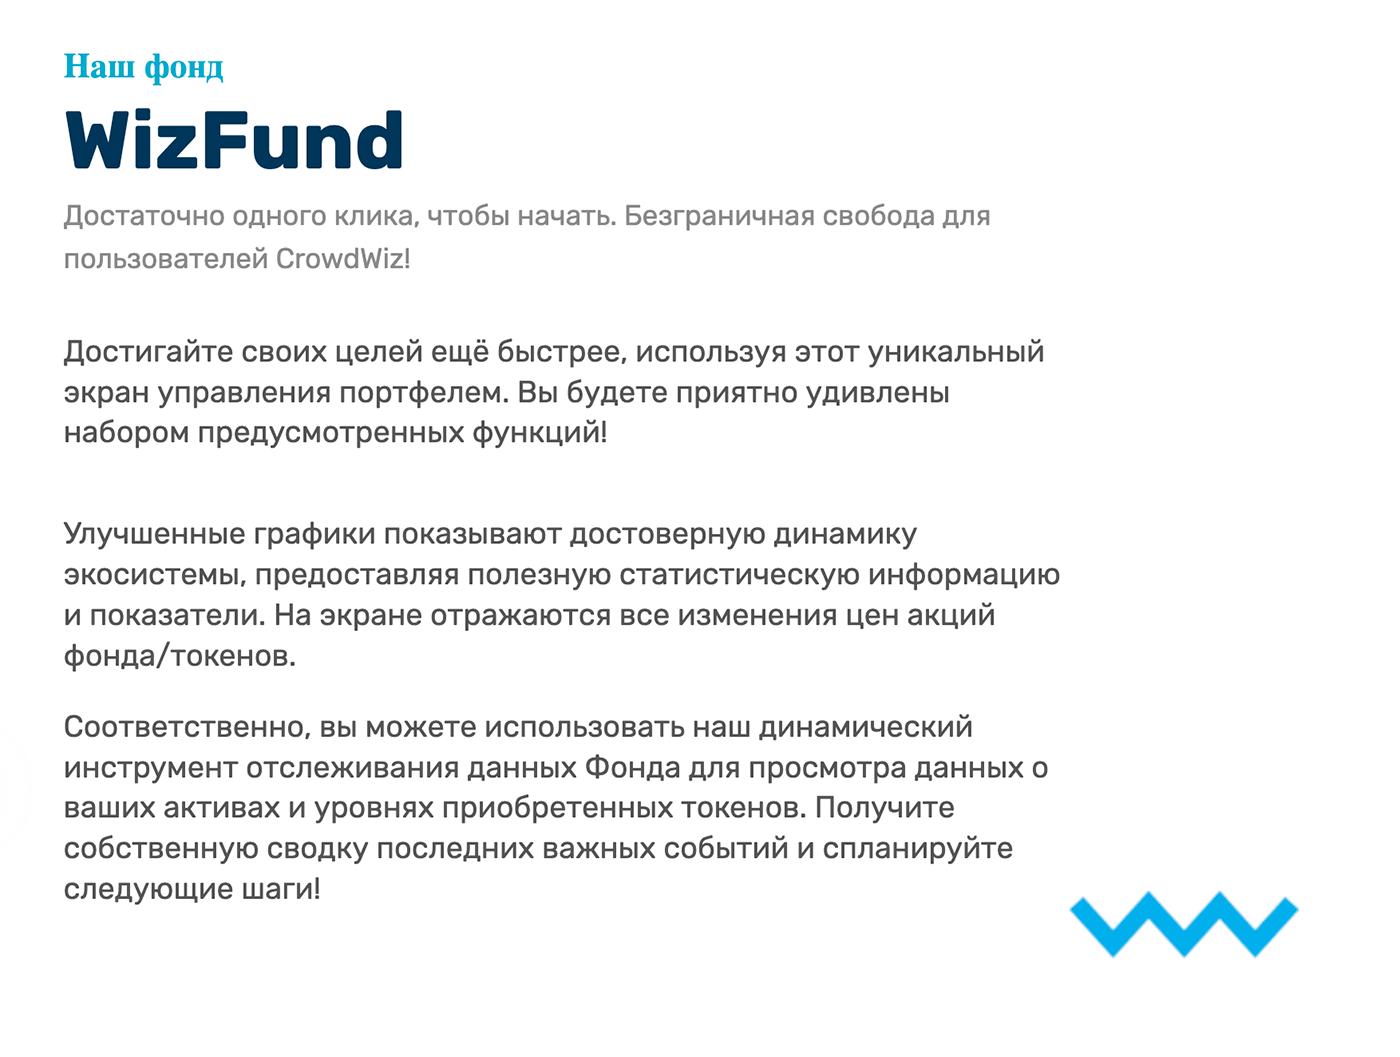 Описание фонда WizFund на сайте проекта не позволило мне понять, о чем конкретно идет речь